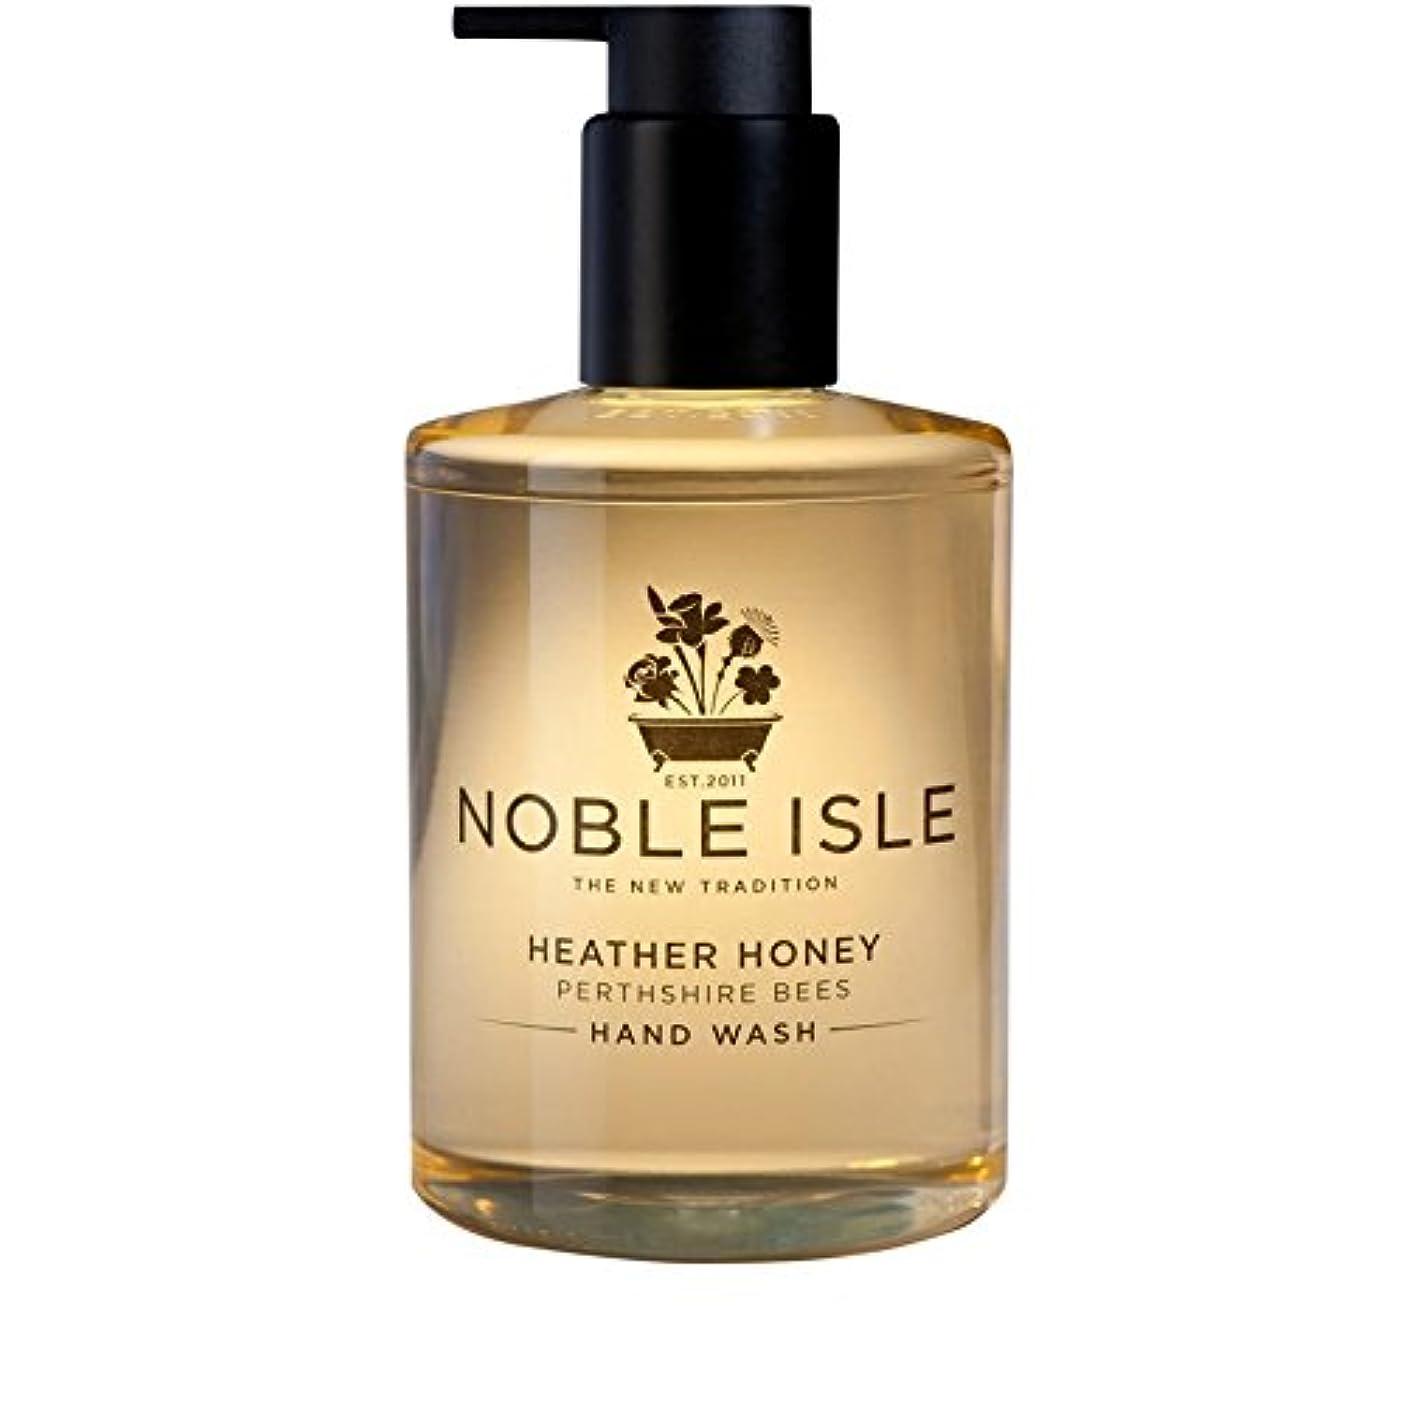 文句を言う決定するはがき高貴な島杢蜂蜜パースシャー蜂のハンドウォッシュ250ミリリットル x2 - Noble Isle Heather Honey Perthshire Bees Hand Wash 250ml (Pack of 2) [並行輸入品]